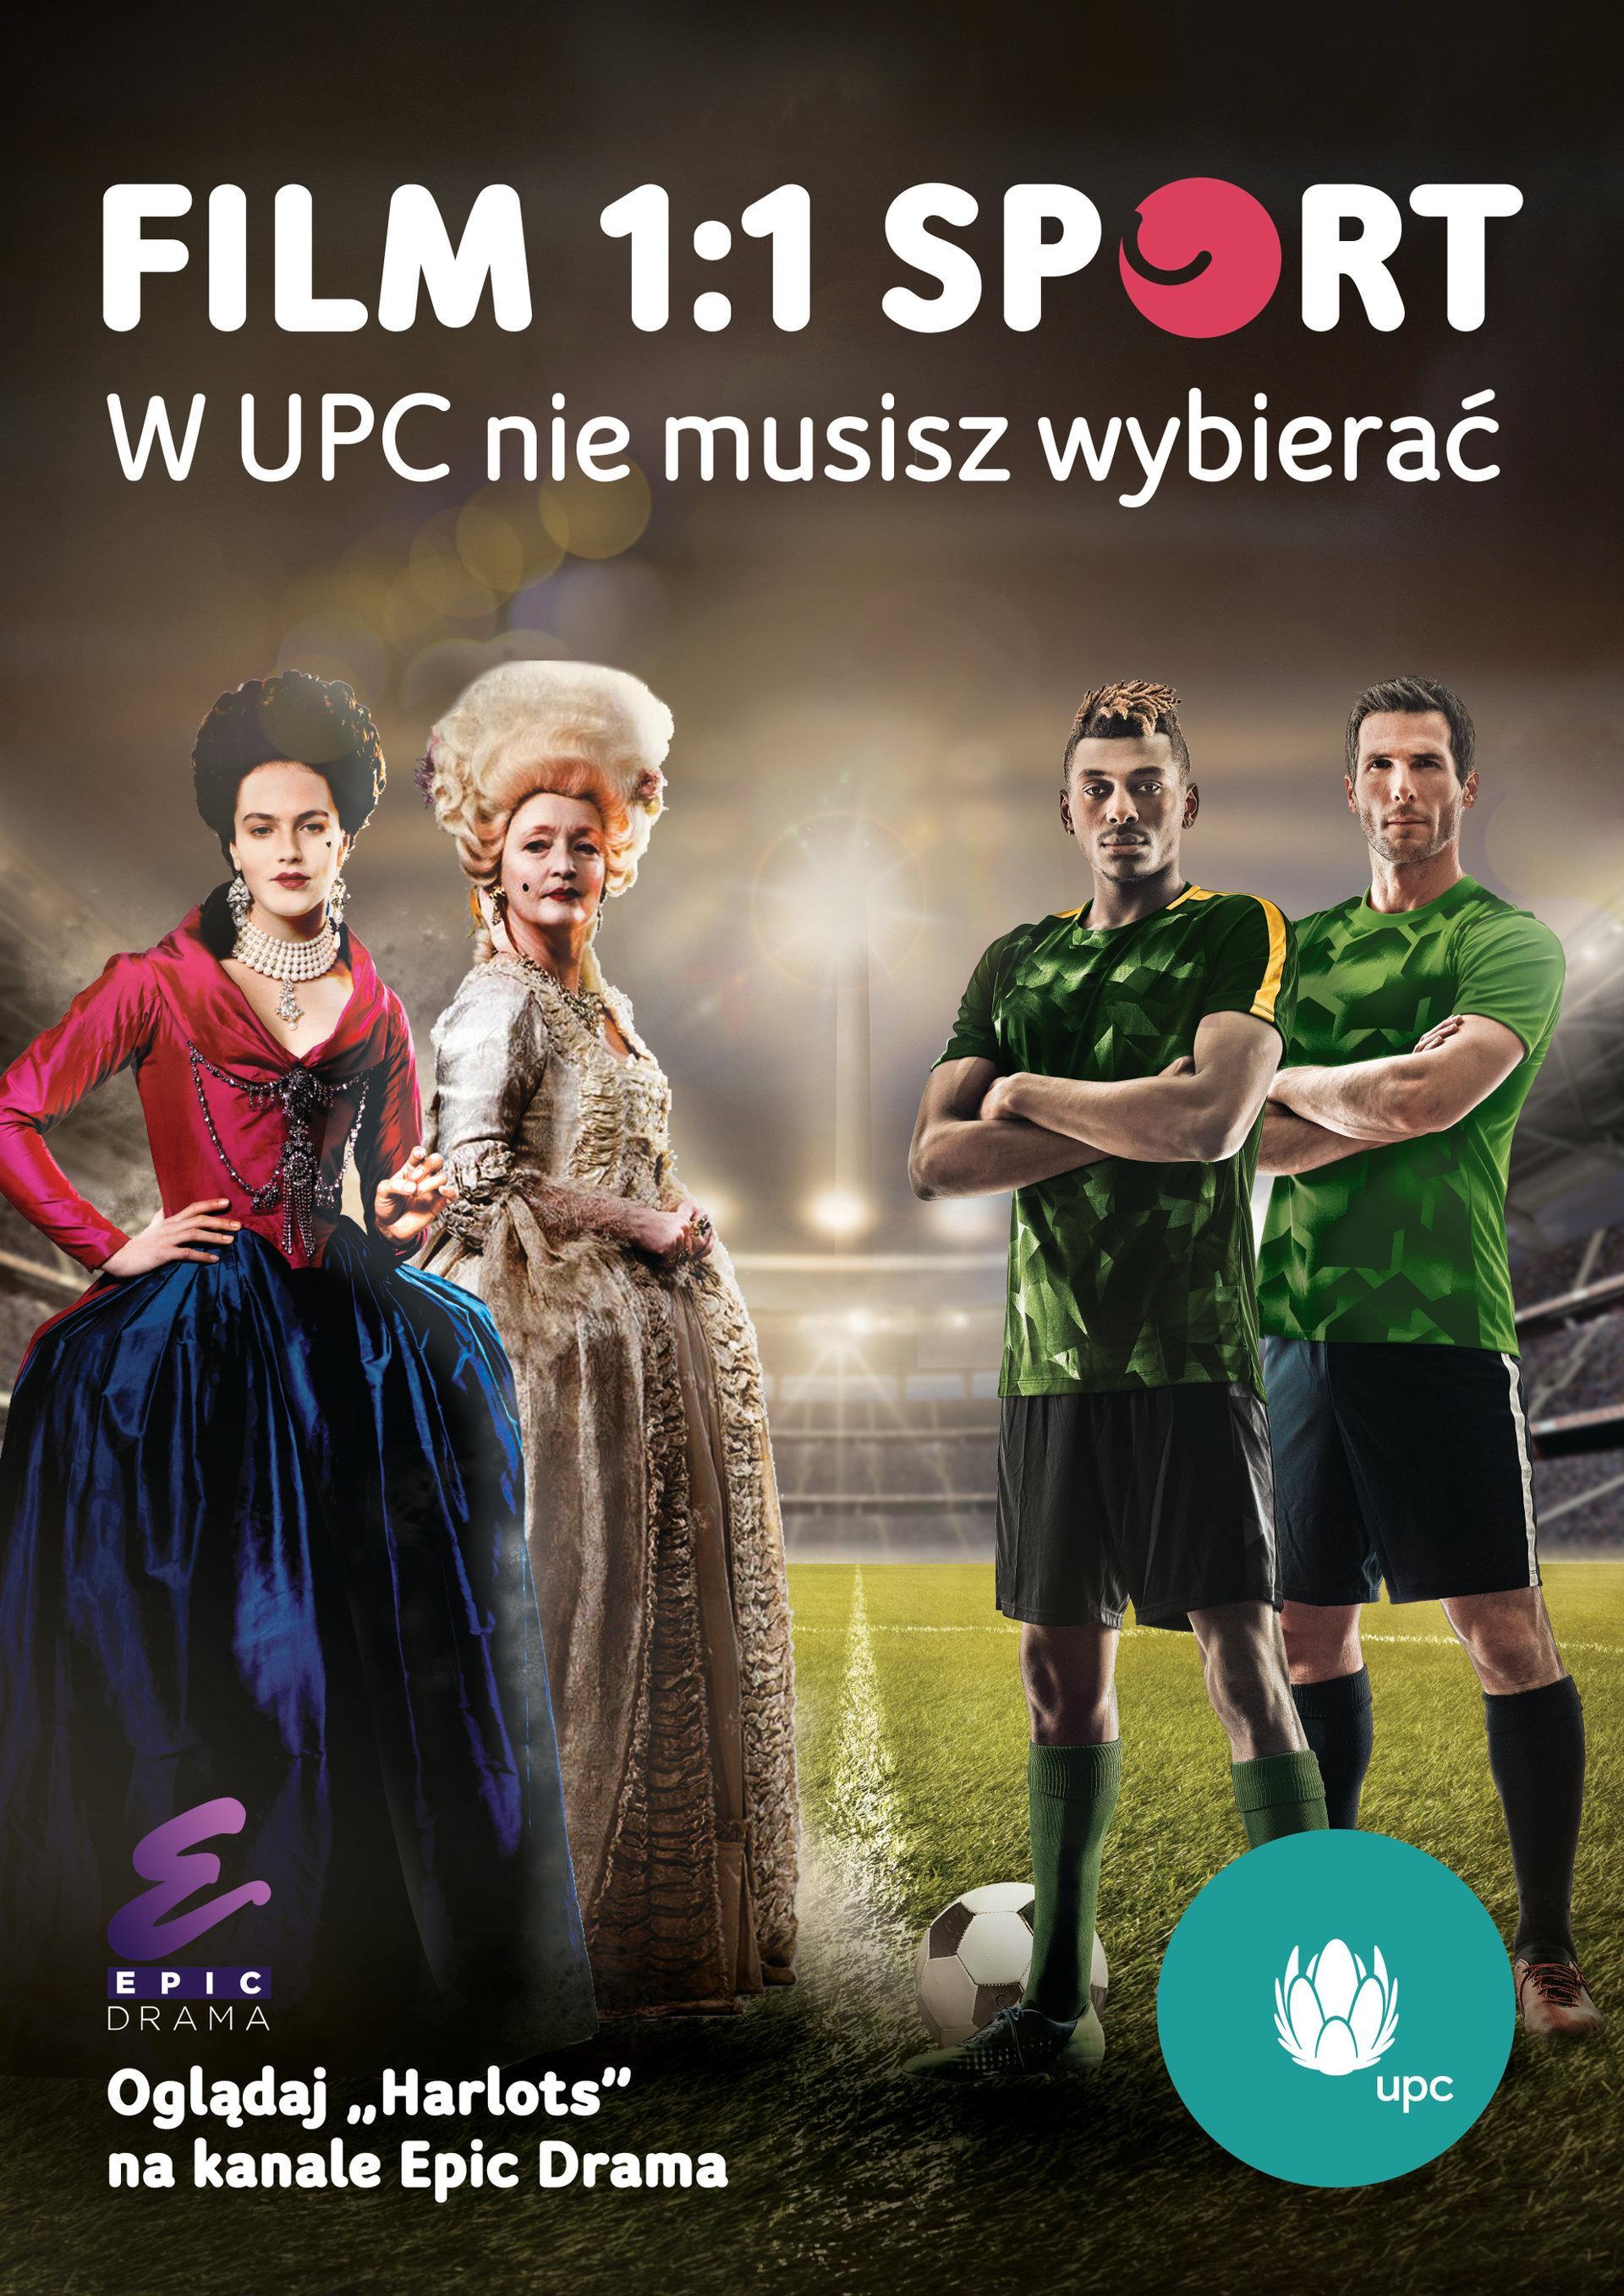 UPC Polska poszerza swoją ofertę telewizyjnej rozrywki o kanał Epic Drama